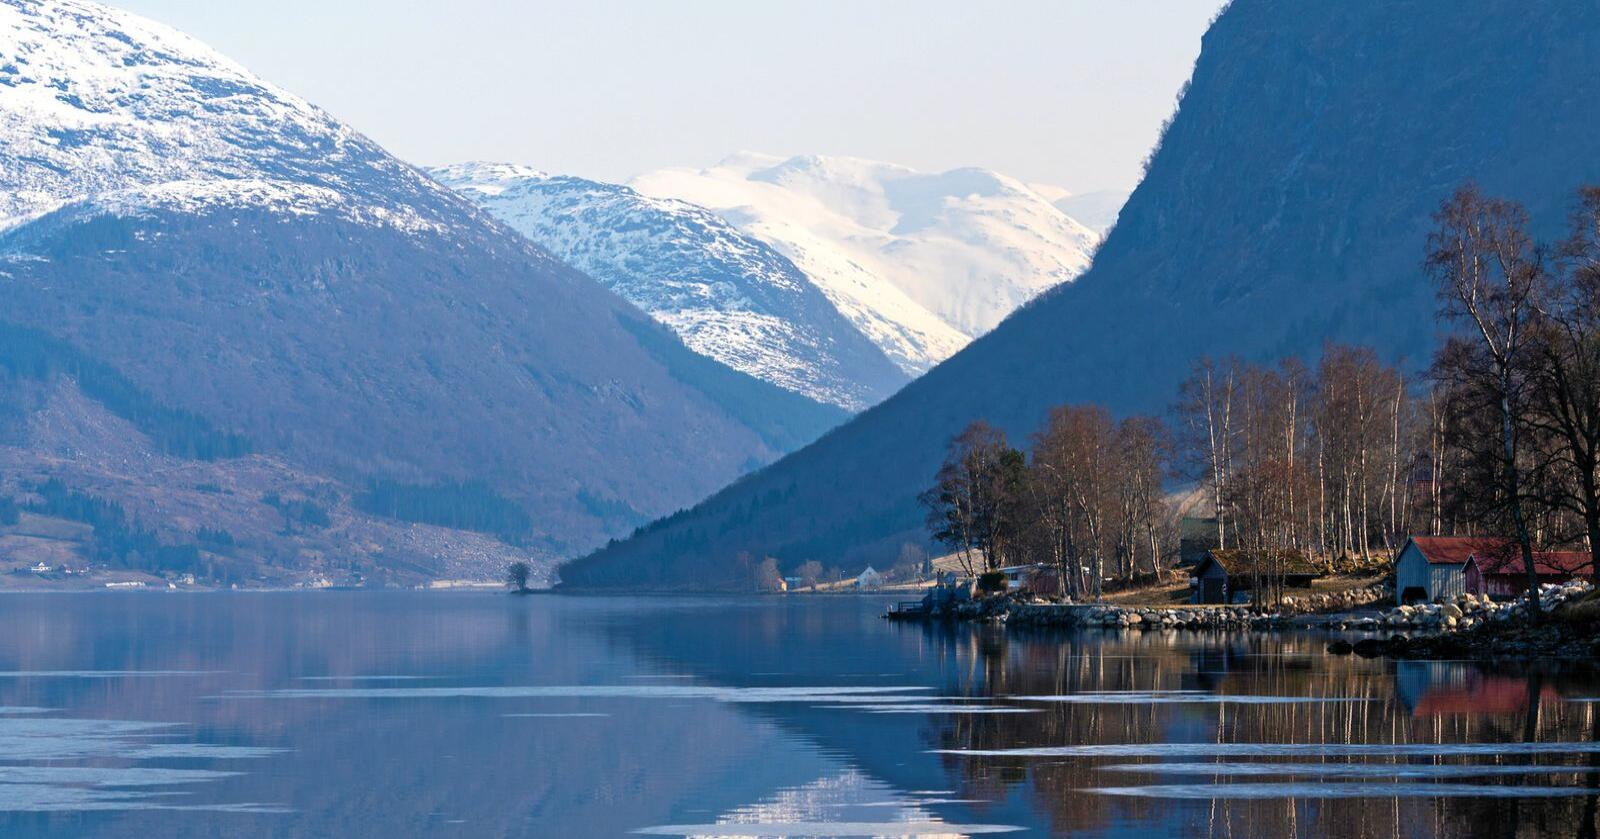 Jølstravatnet er en innsjø i Sunnfjord kommune, i Vestland fylke. Innsjøen er en del av Jølstravassdraget. Like i nærheten finner man Jølstraholmen Camping & Hytter, som har benyttet sosiale medier i lang tid som markedsføring. Foto: Privat/Jølstraholmen Camping & Hytter